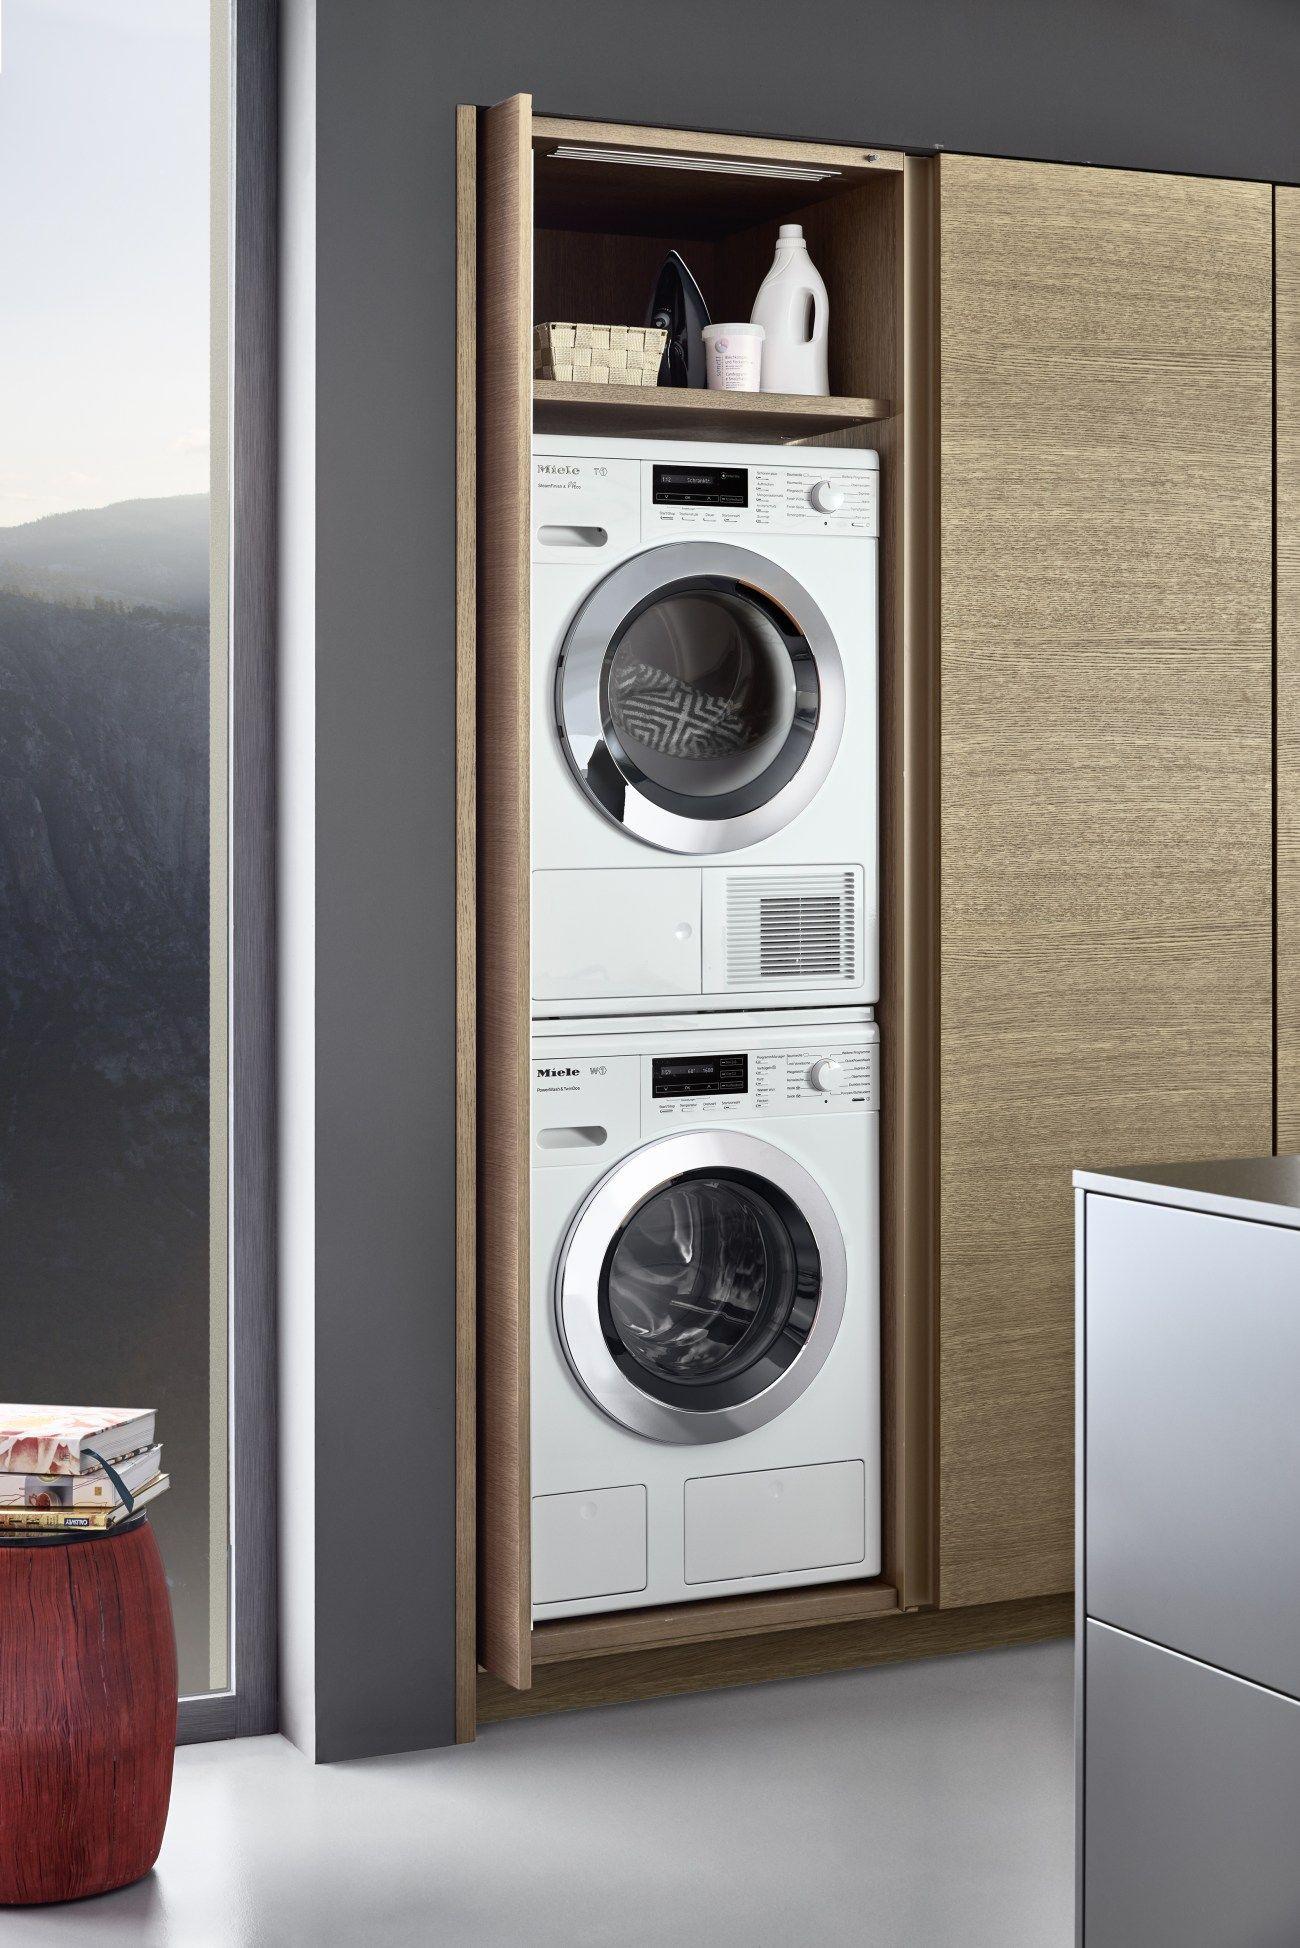 Machine A Laver Dans La Cuisine Design Buanderie Armoires De